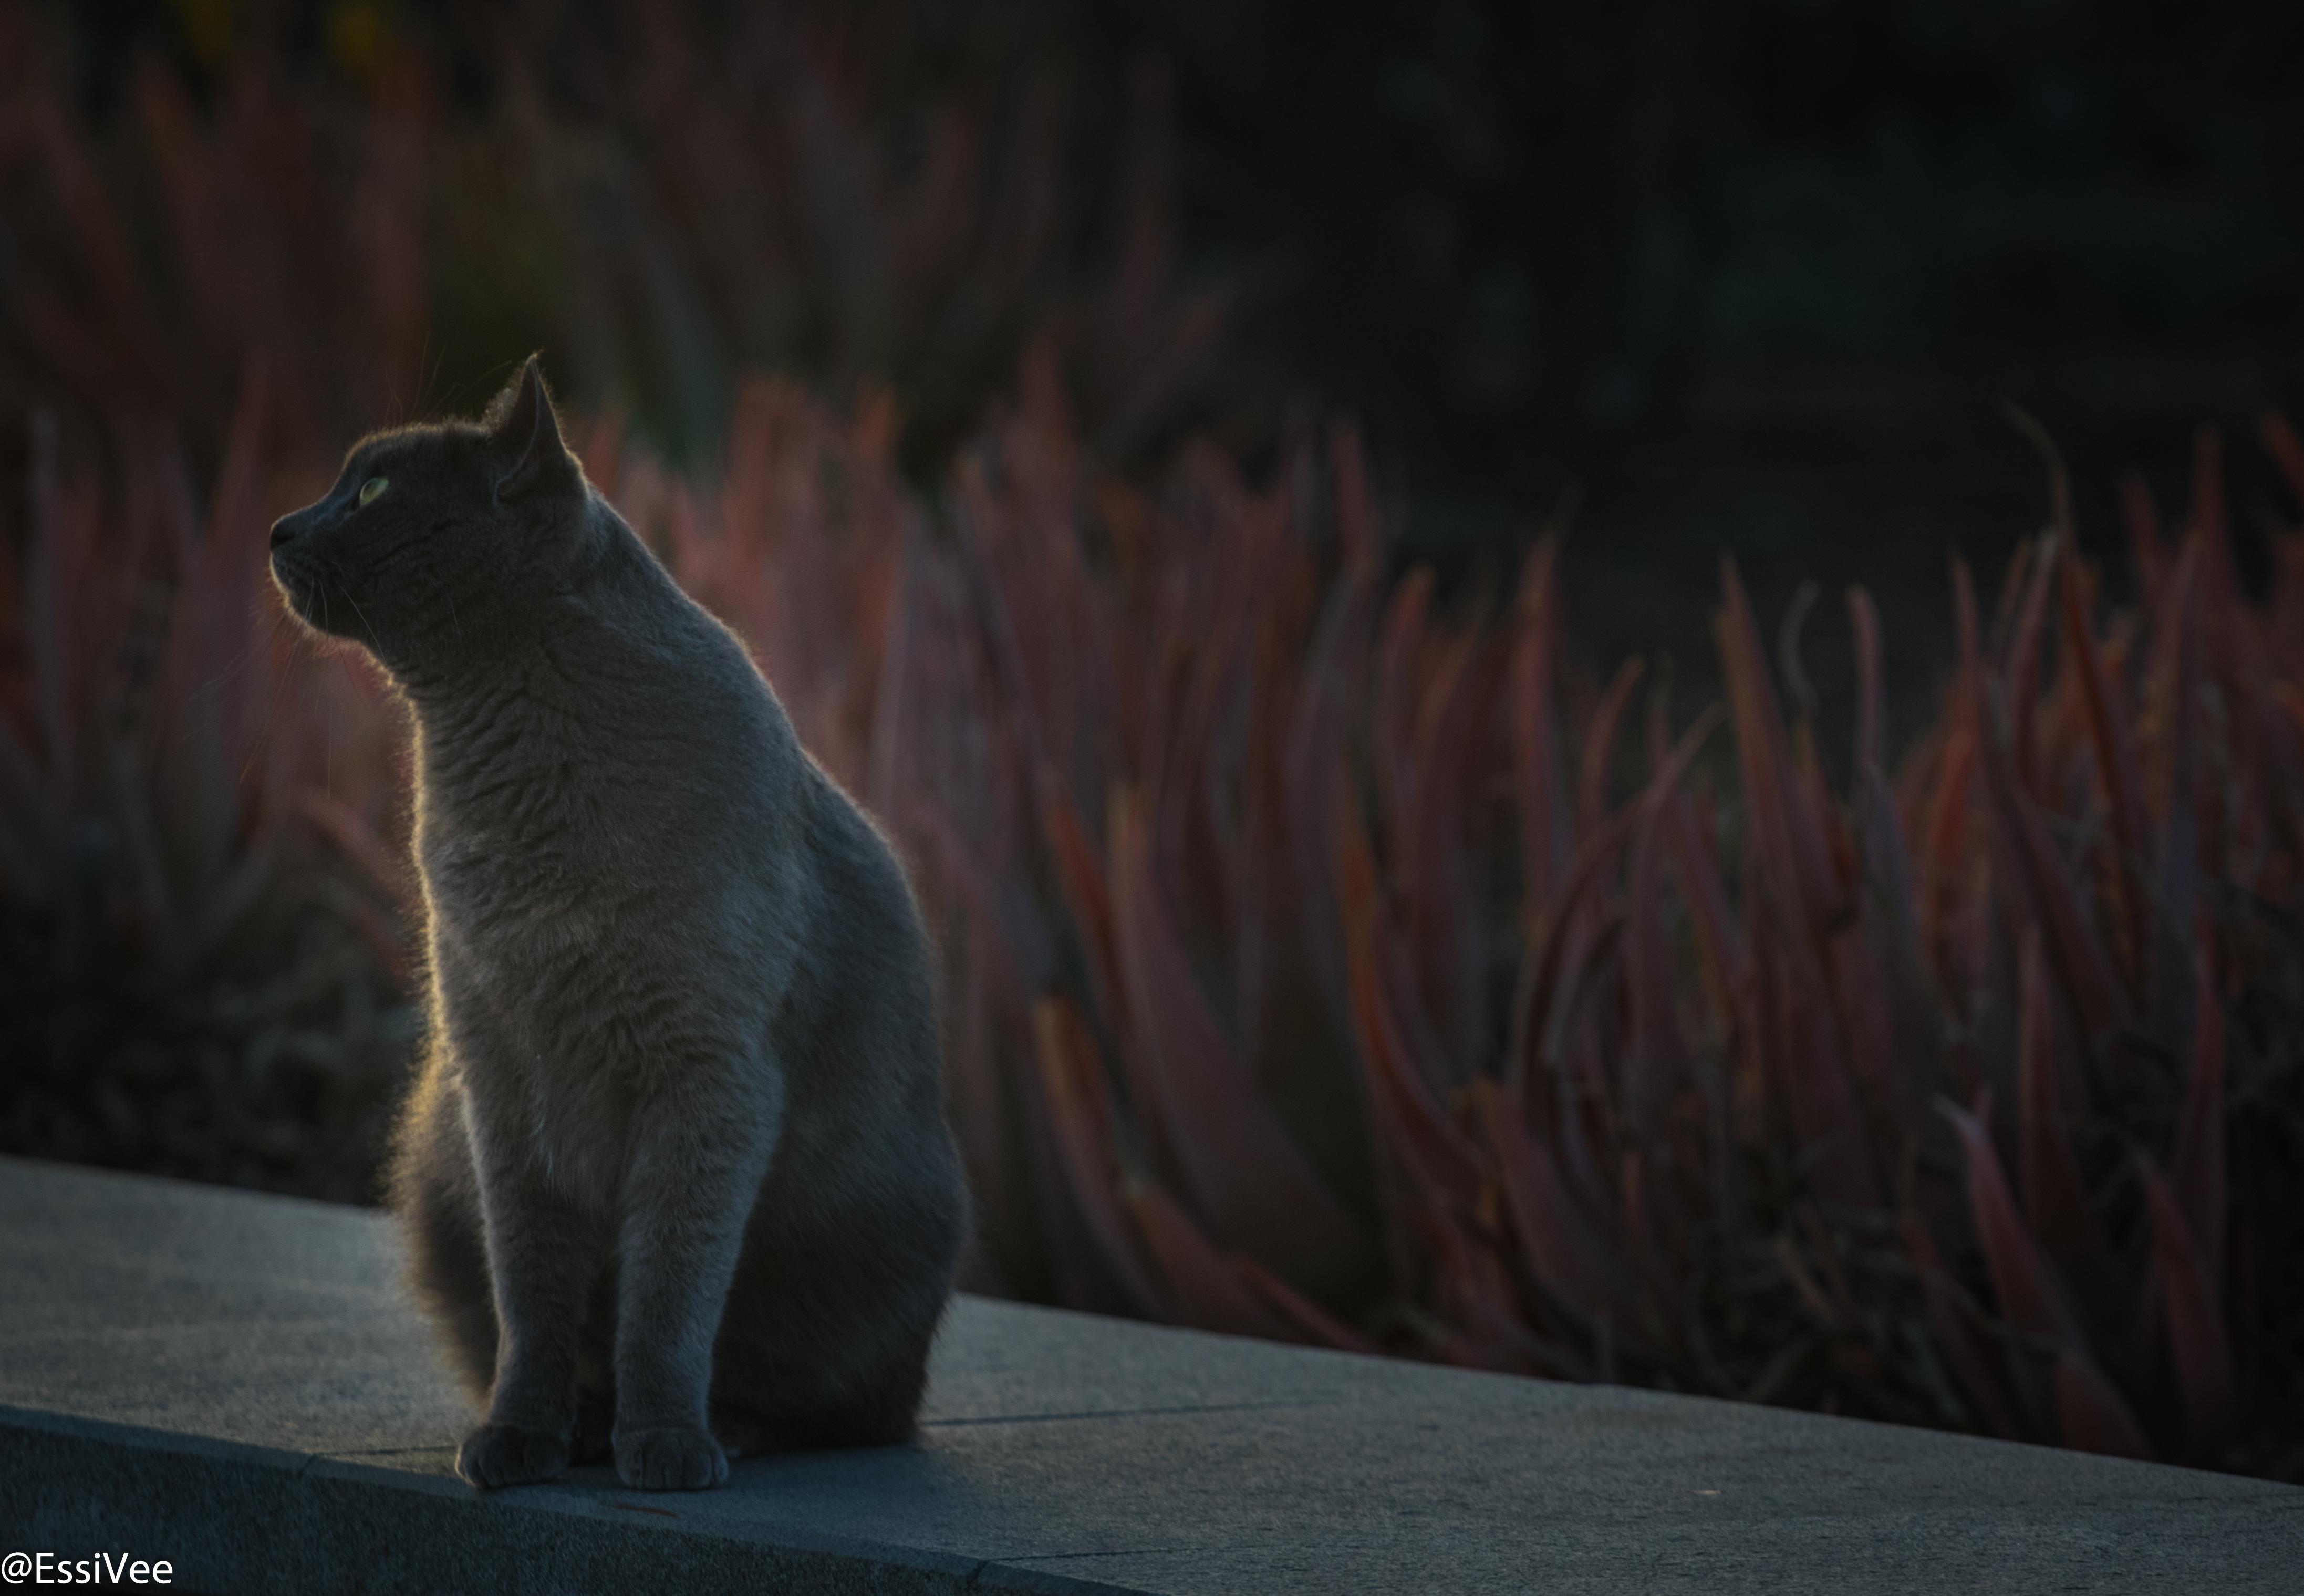 kissa iltavalo kissavalokuvaus